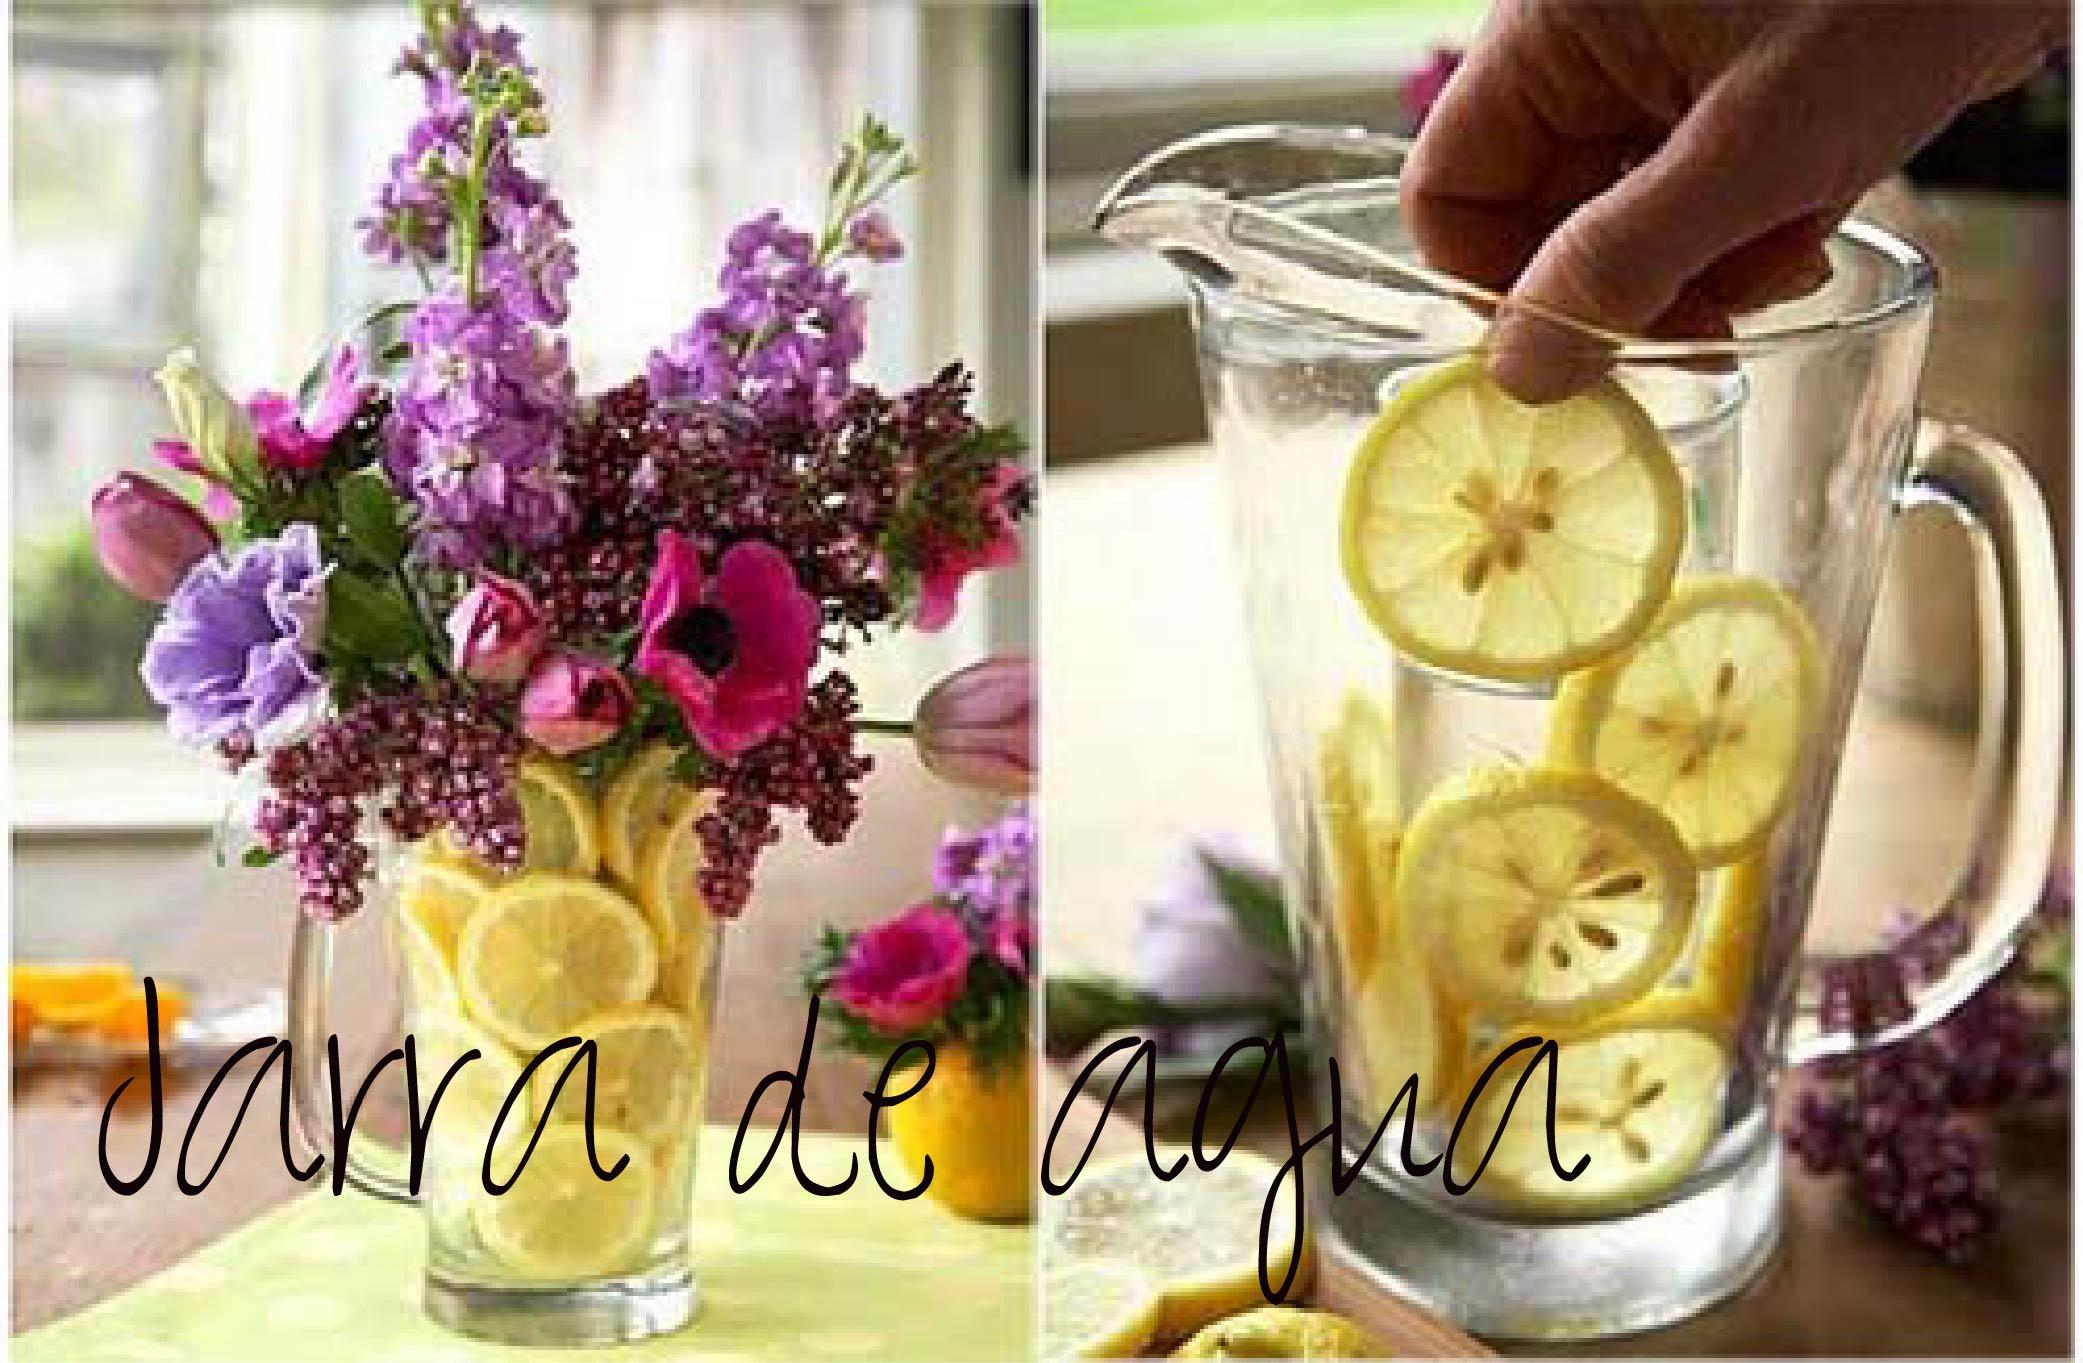 LoveStory Bolsas de Cultivo de Fieltro de Fresas Bolsas Colgantes con 8 Bolsillos Laterales para 24 cepas o como Maceta de Flores 2 Bolsas de plantaci/ón para Plantas de jard/ín para Fresas